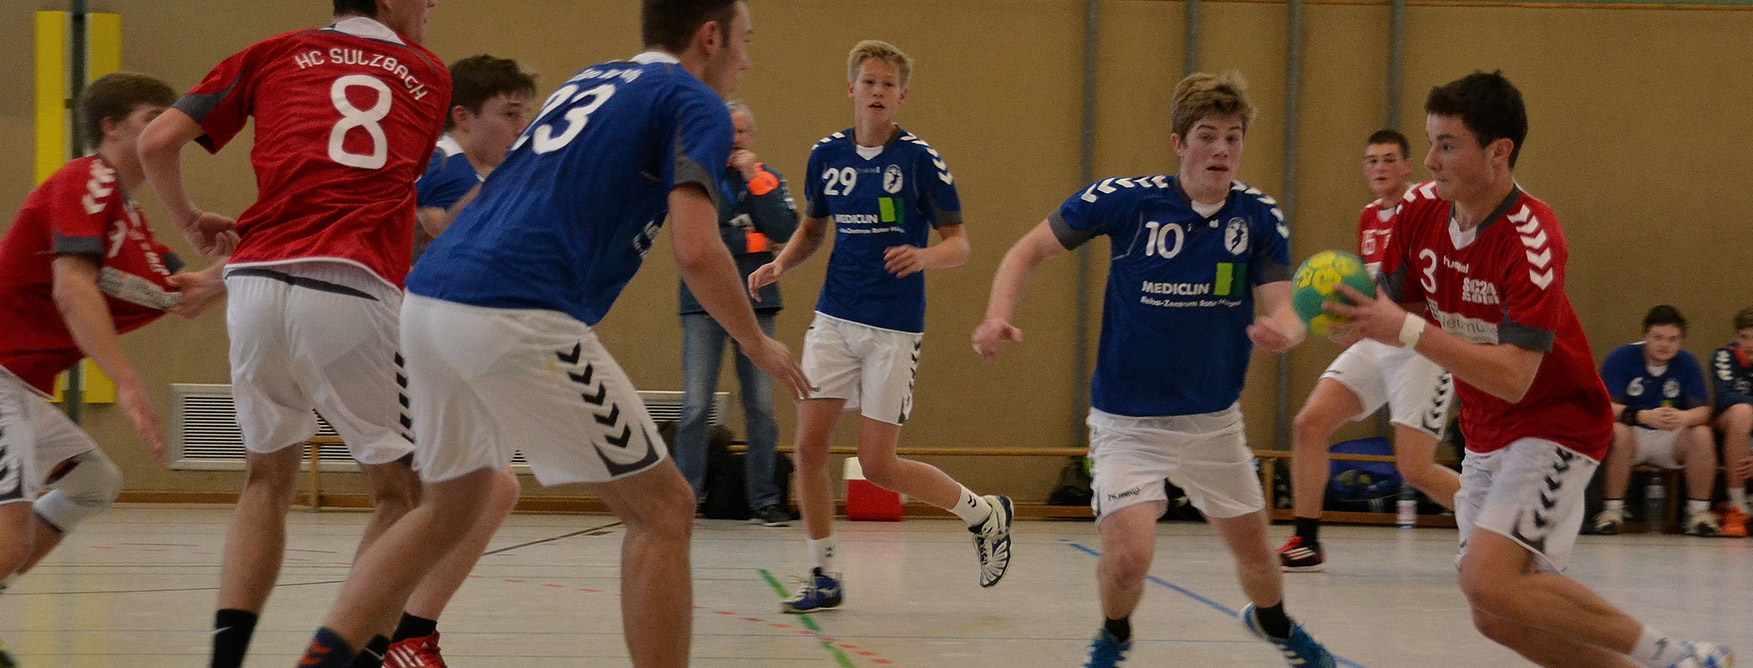 HC-Sulzbach-Handball-Jugend